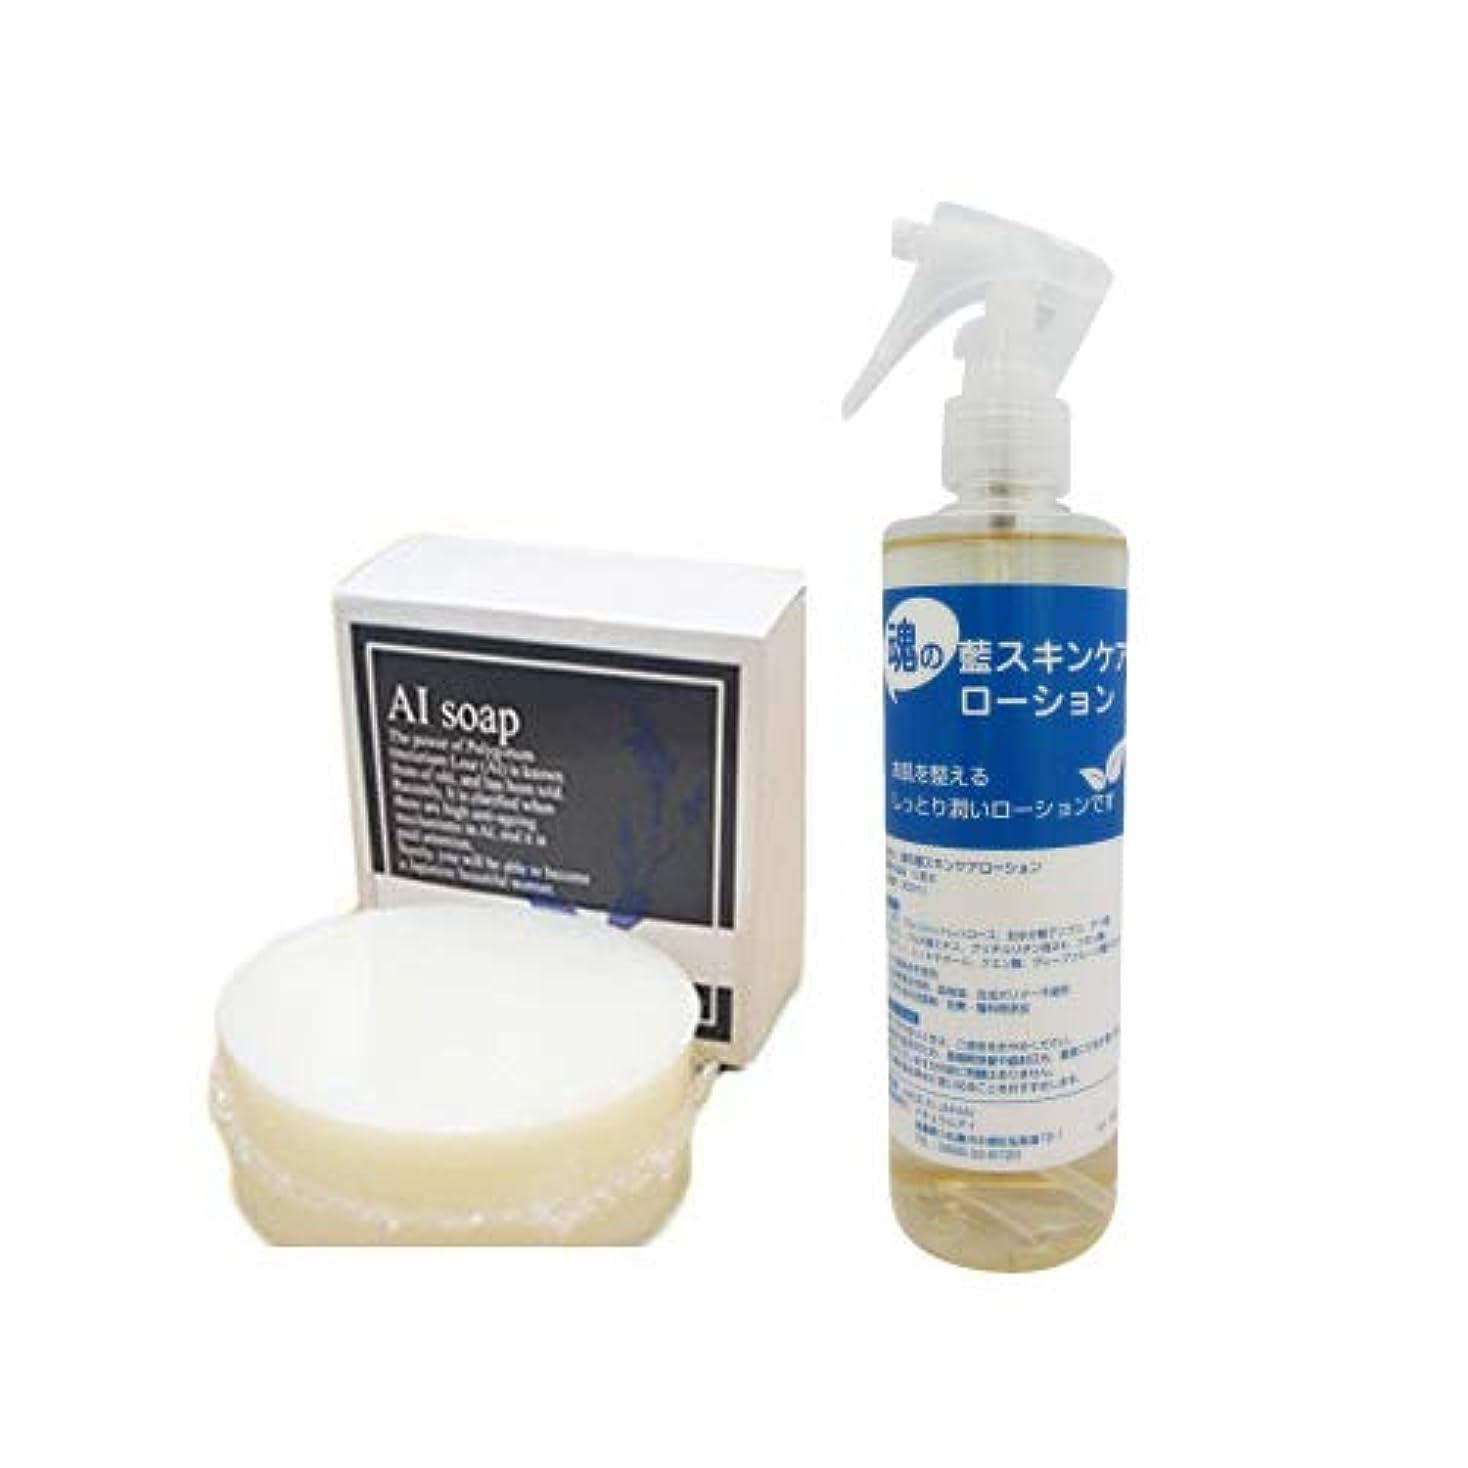 セグメント役に立つスクラップブック藍石鹸(AIソープ)100g+藍スキンケアローション300mlセット 美肌の「藍」セット(無添加ノンケミカル)肌乾燥?肌トラブルにおススメ